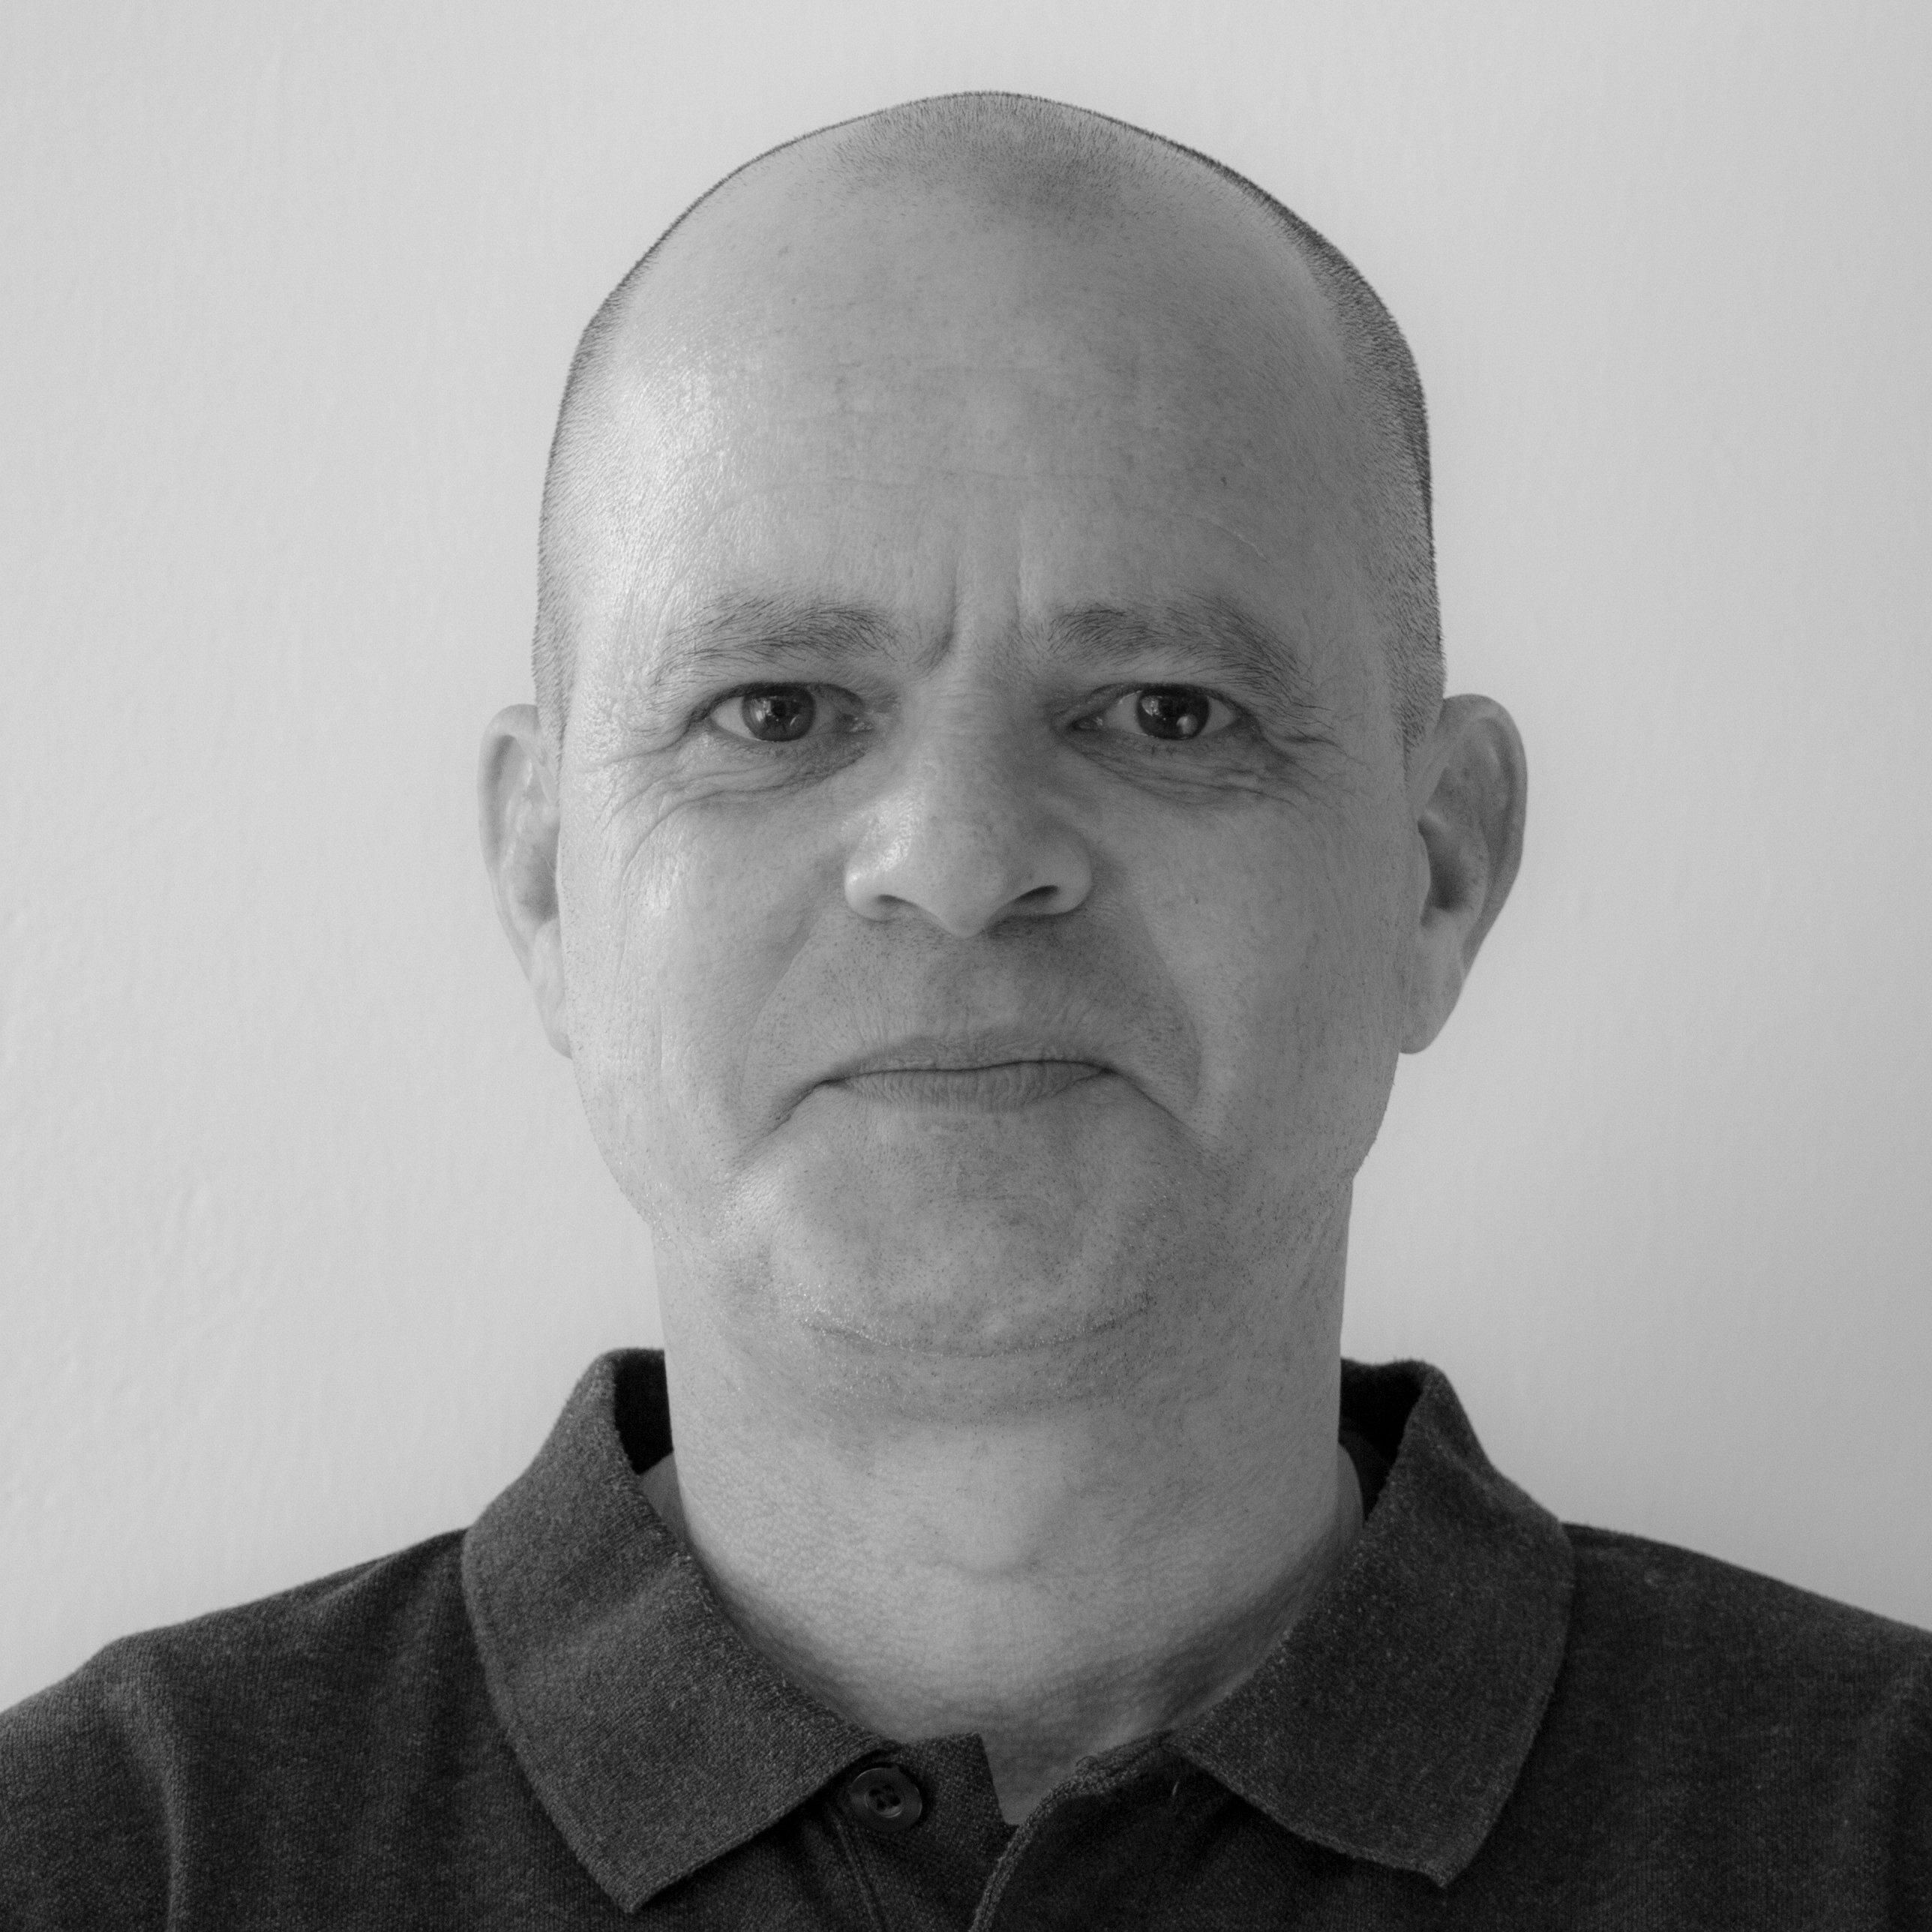 Frank-Martin Lauterwein